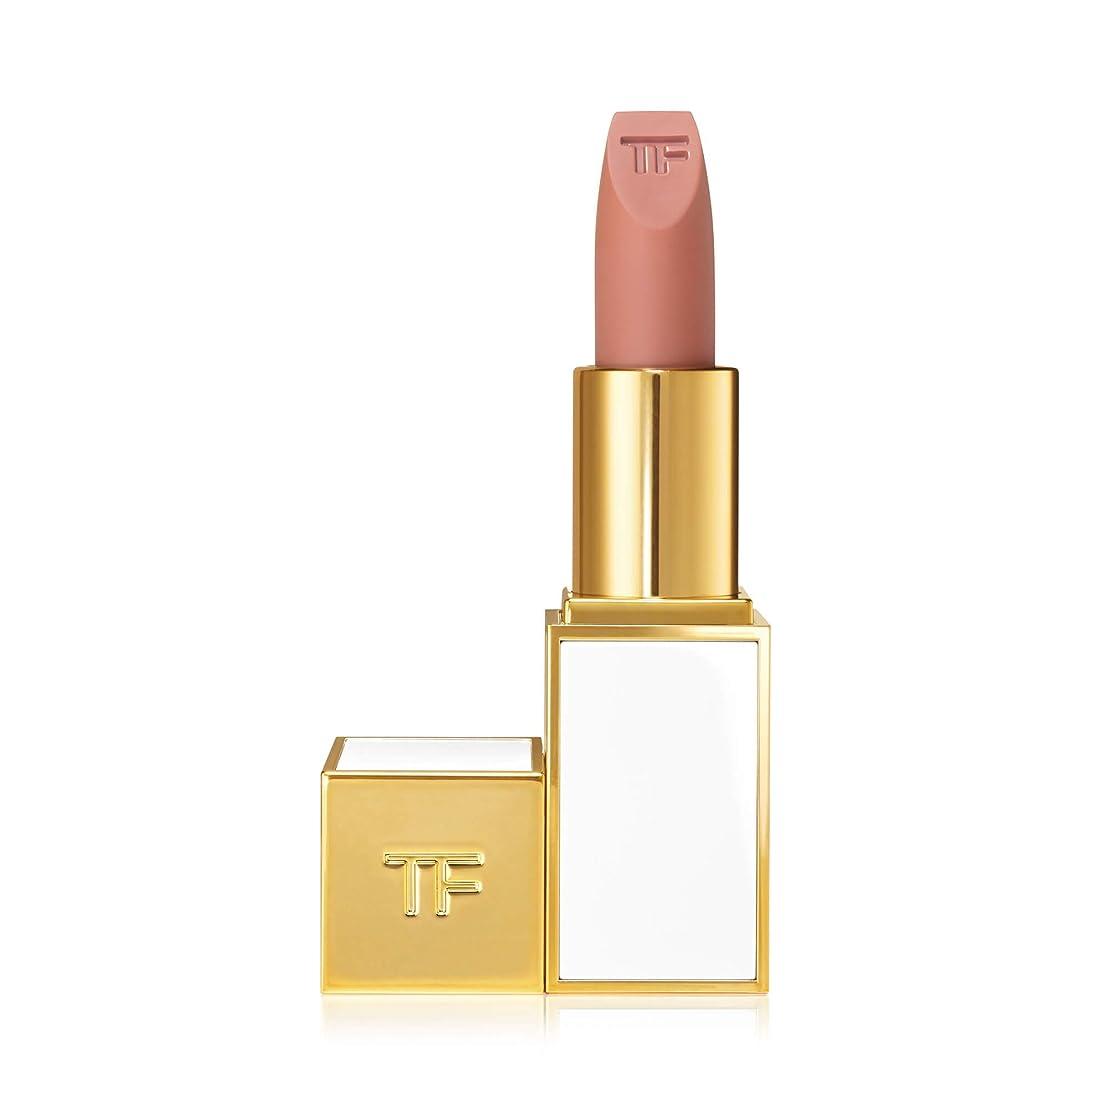 素晴らしき理解遅らせるトム フォード Lip Color Sheer - # 08 Bambou 3g/0.1oz並行輸入品